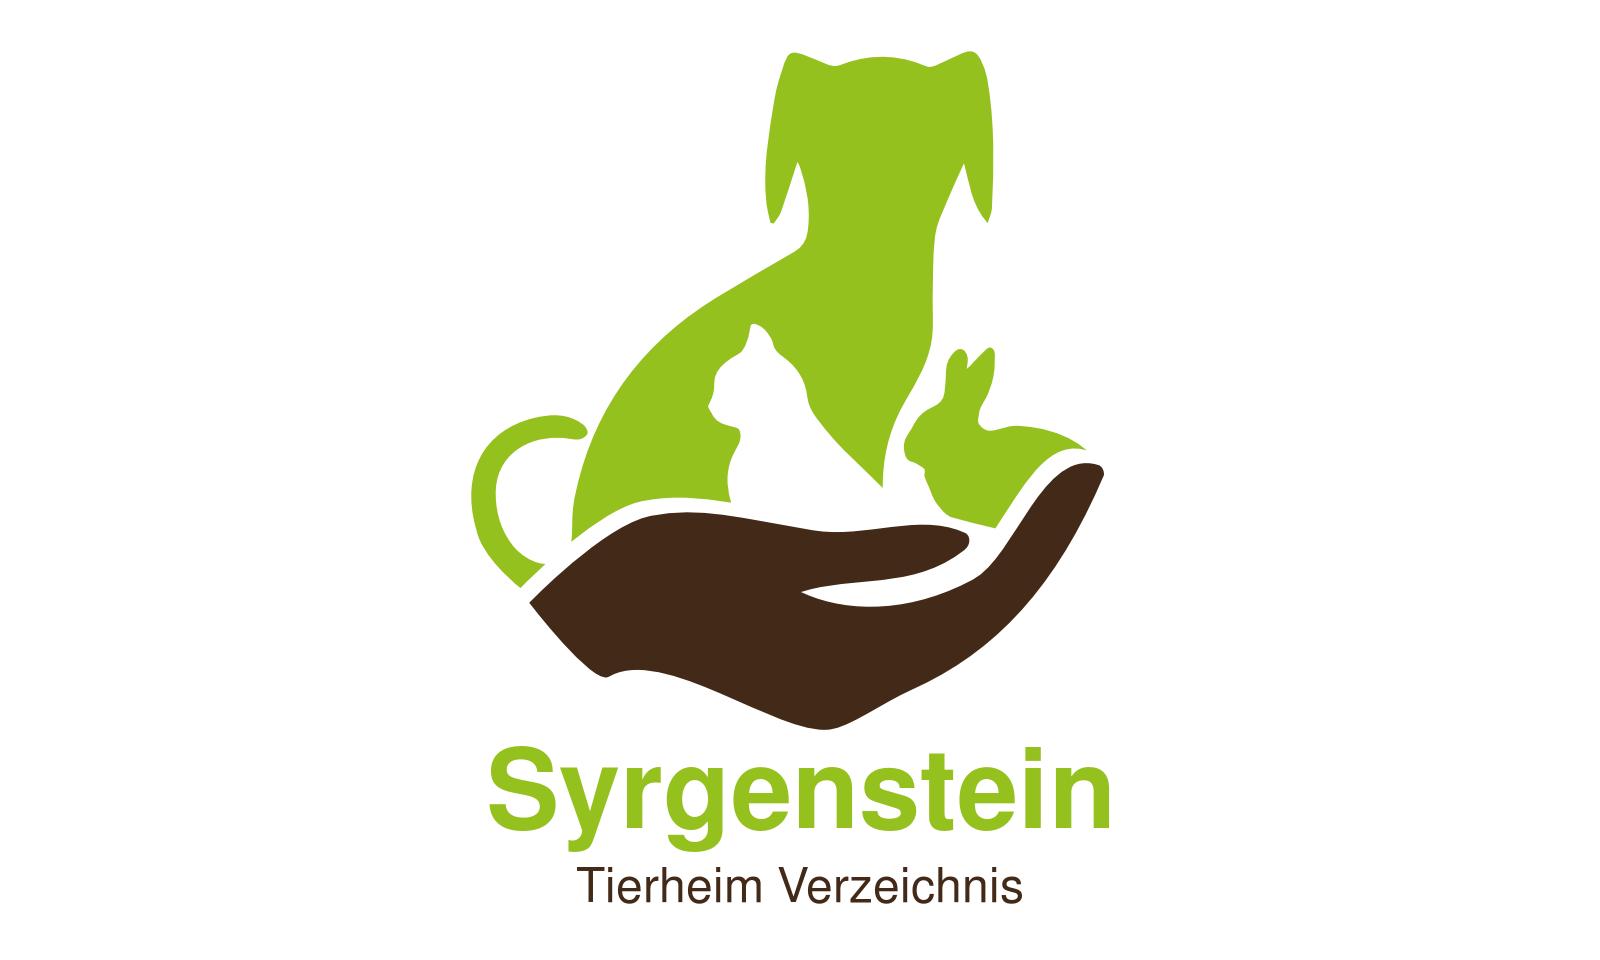 Tierheim Syrgenstein